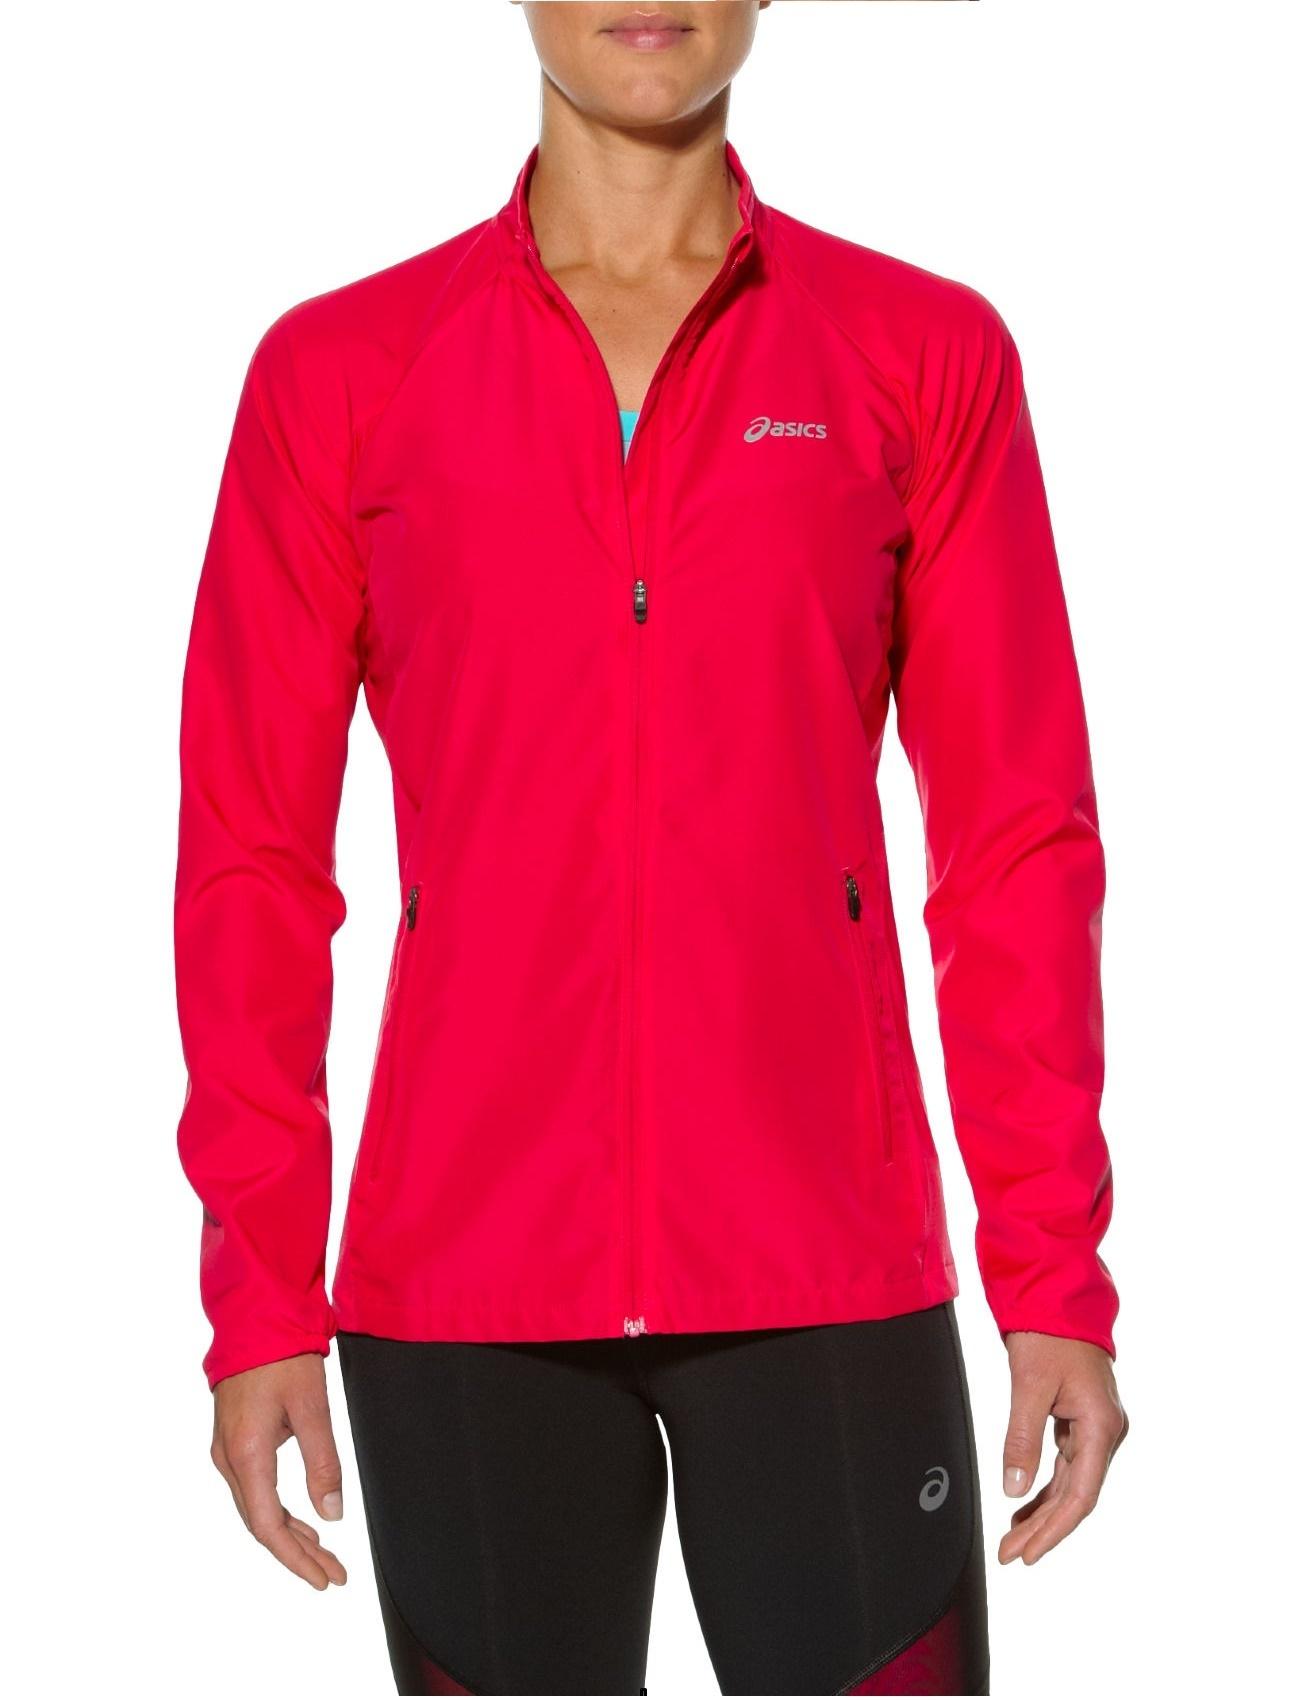 Женский костюм для бега Asics Woven Stripe (110426 6016-121333 0904) фото